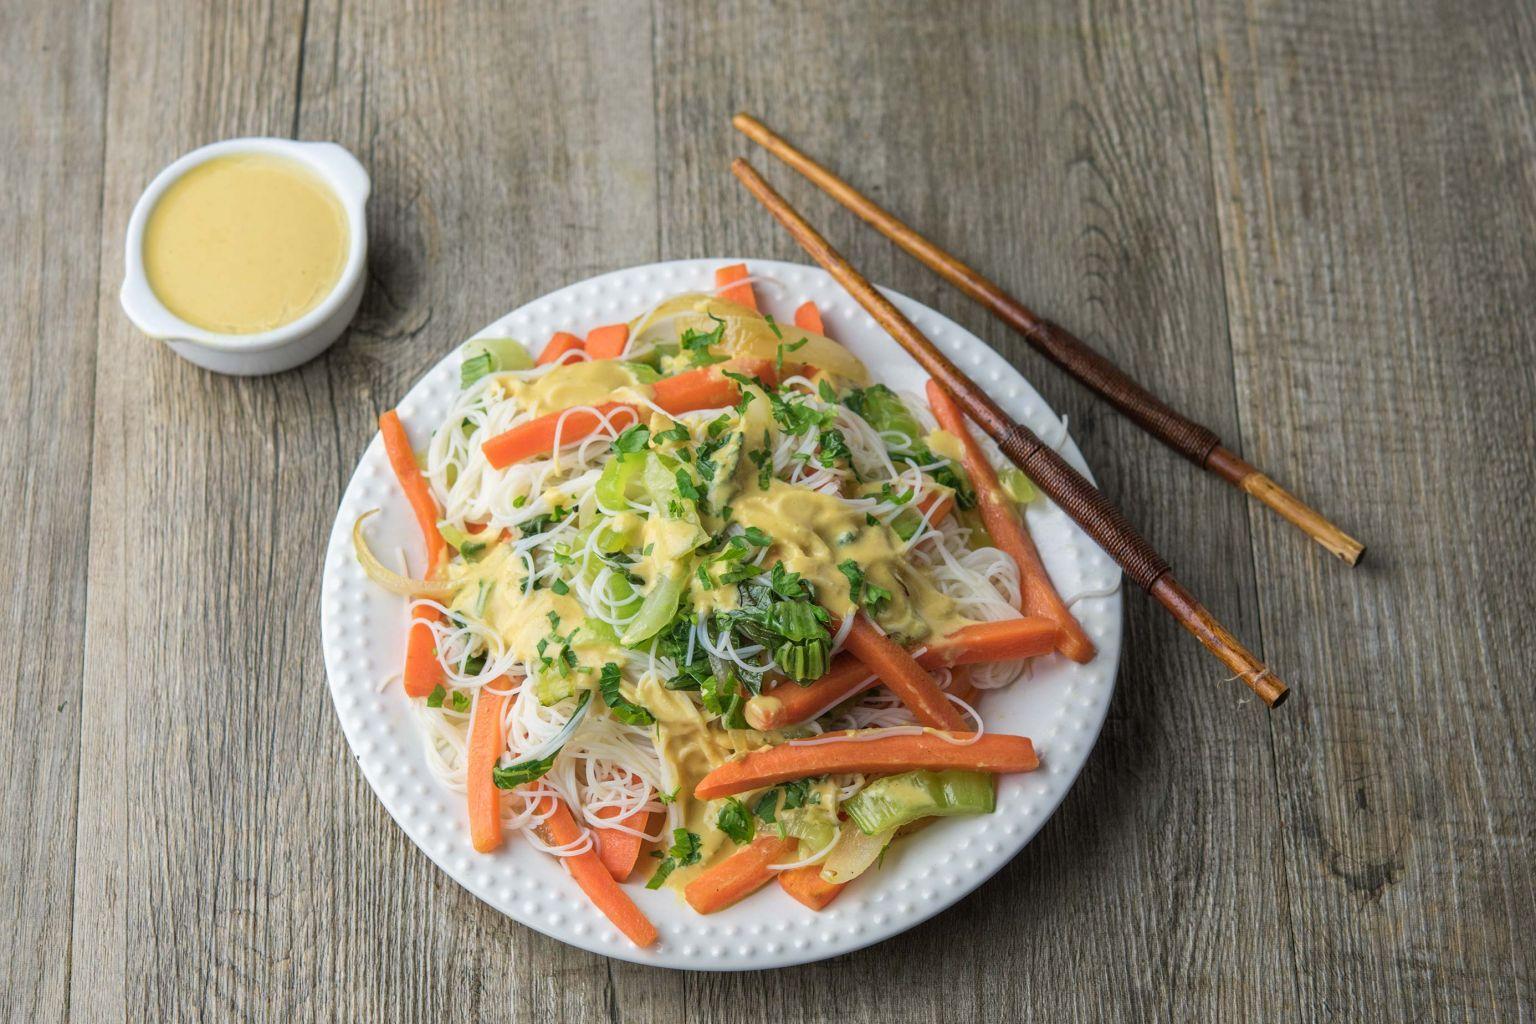 Recette salade de vermicelles au sat quitoque - Comment cuisiner les germes de soja frais ...